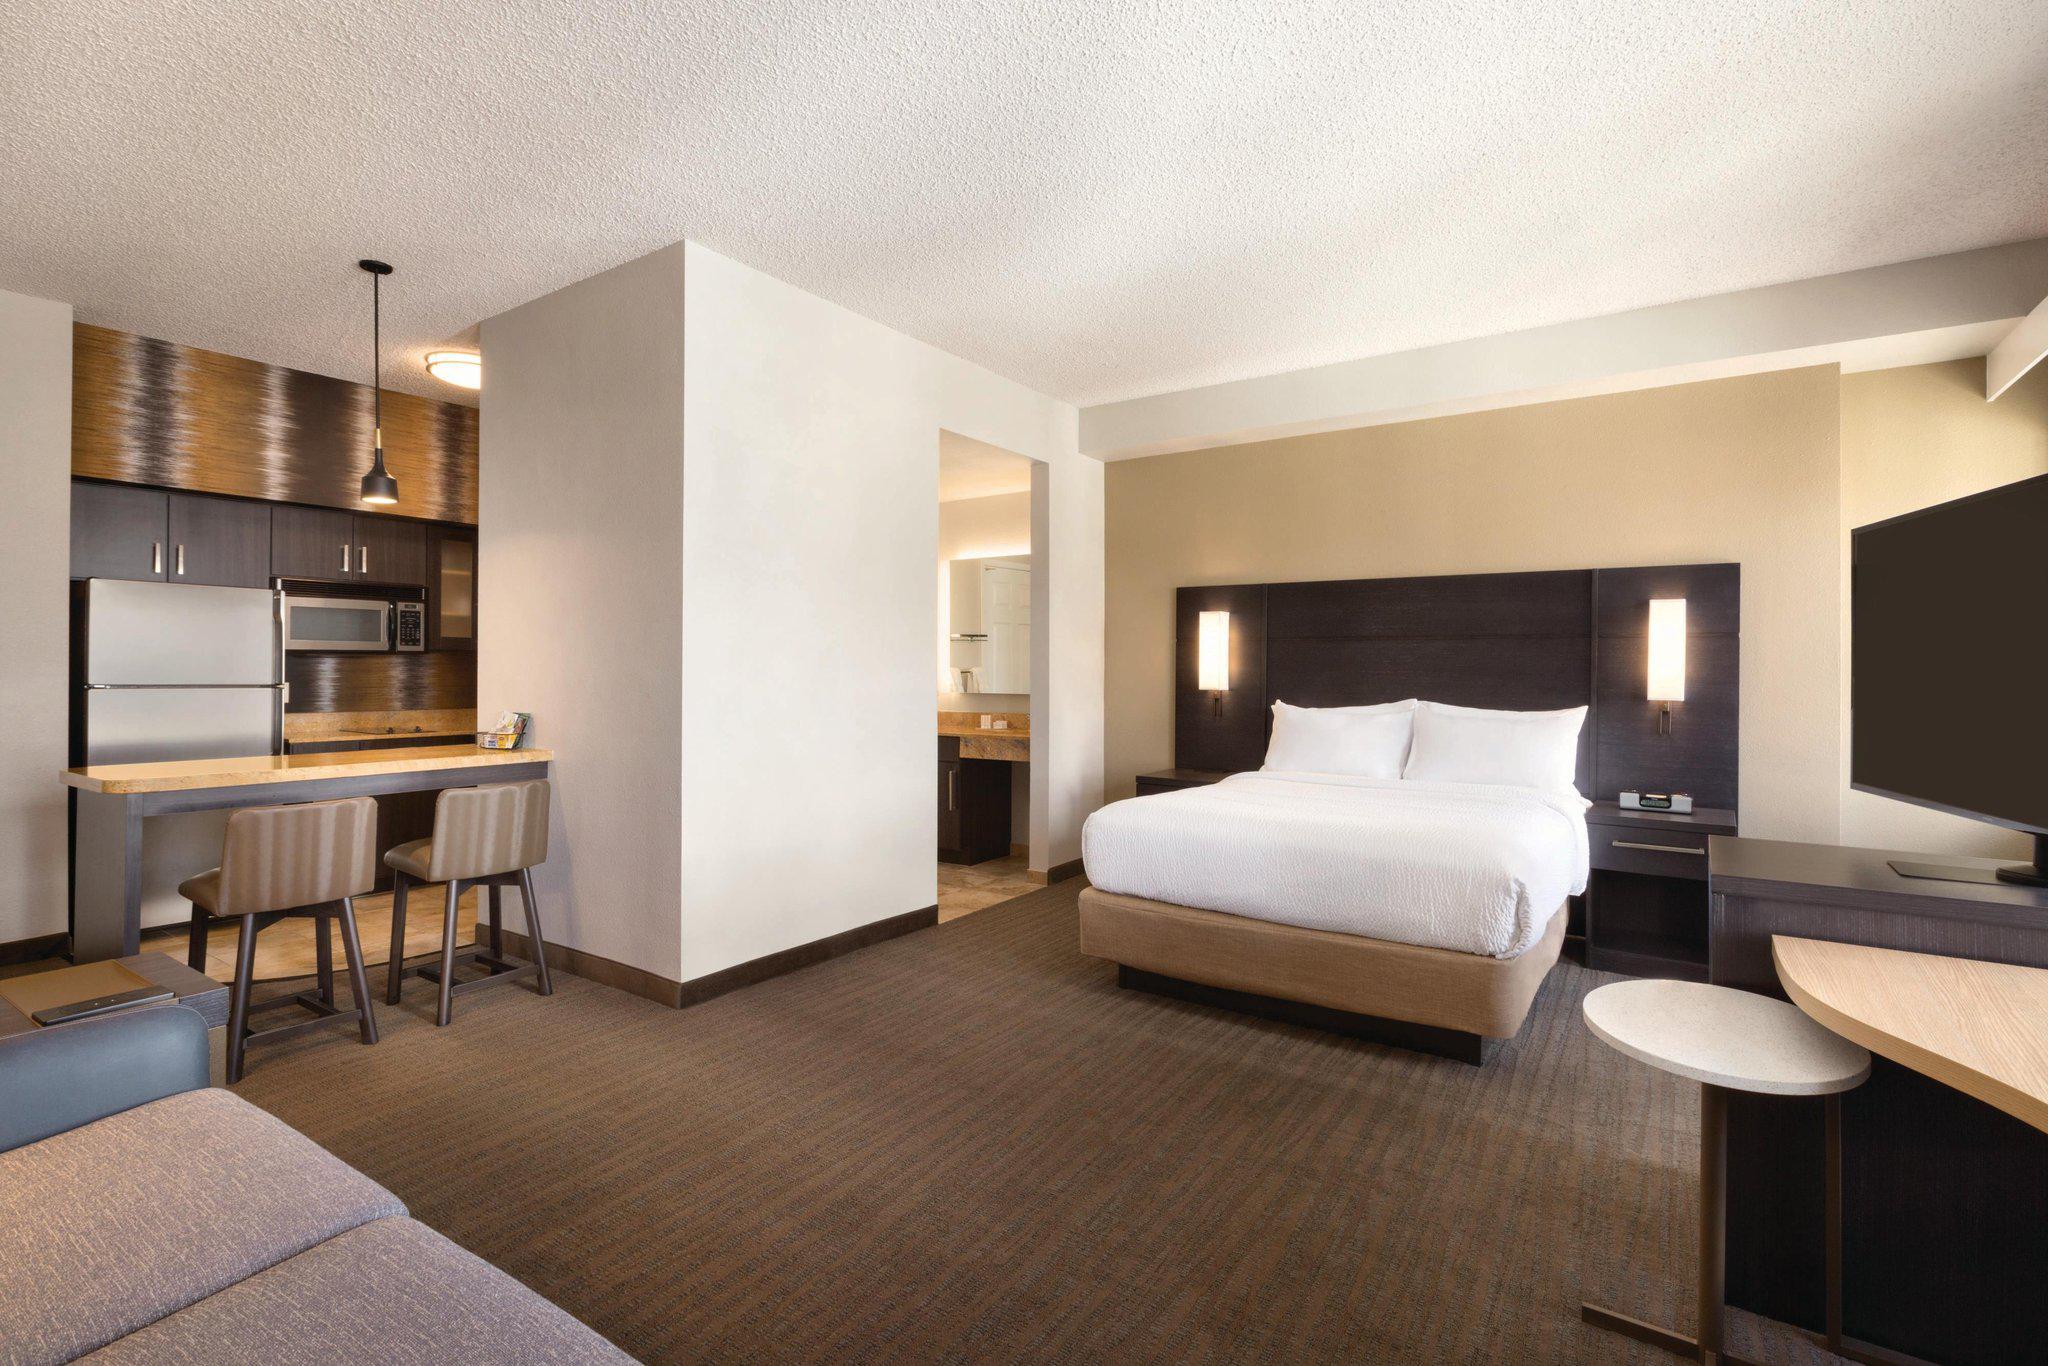 Residence Inn by Marriott Denver City Center